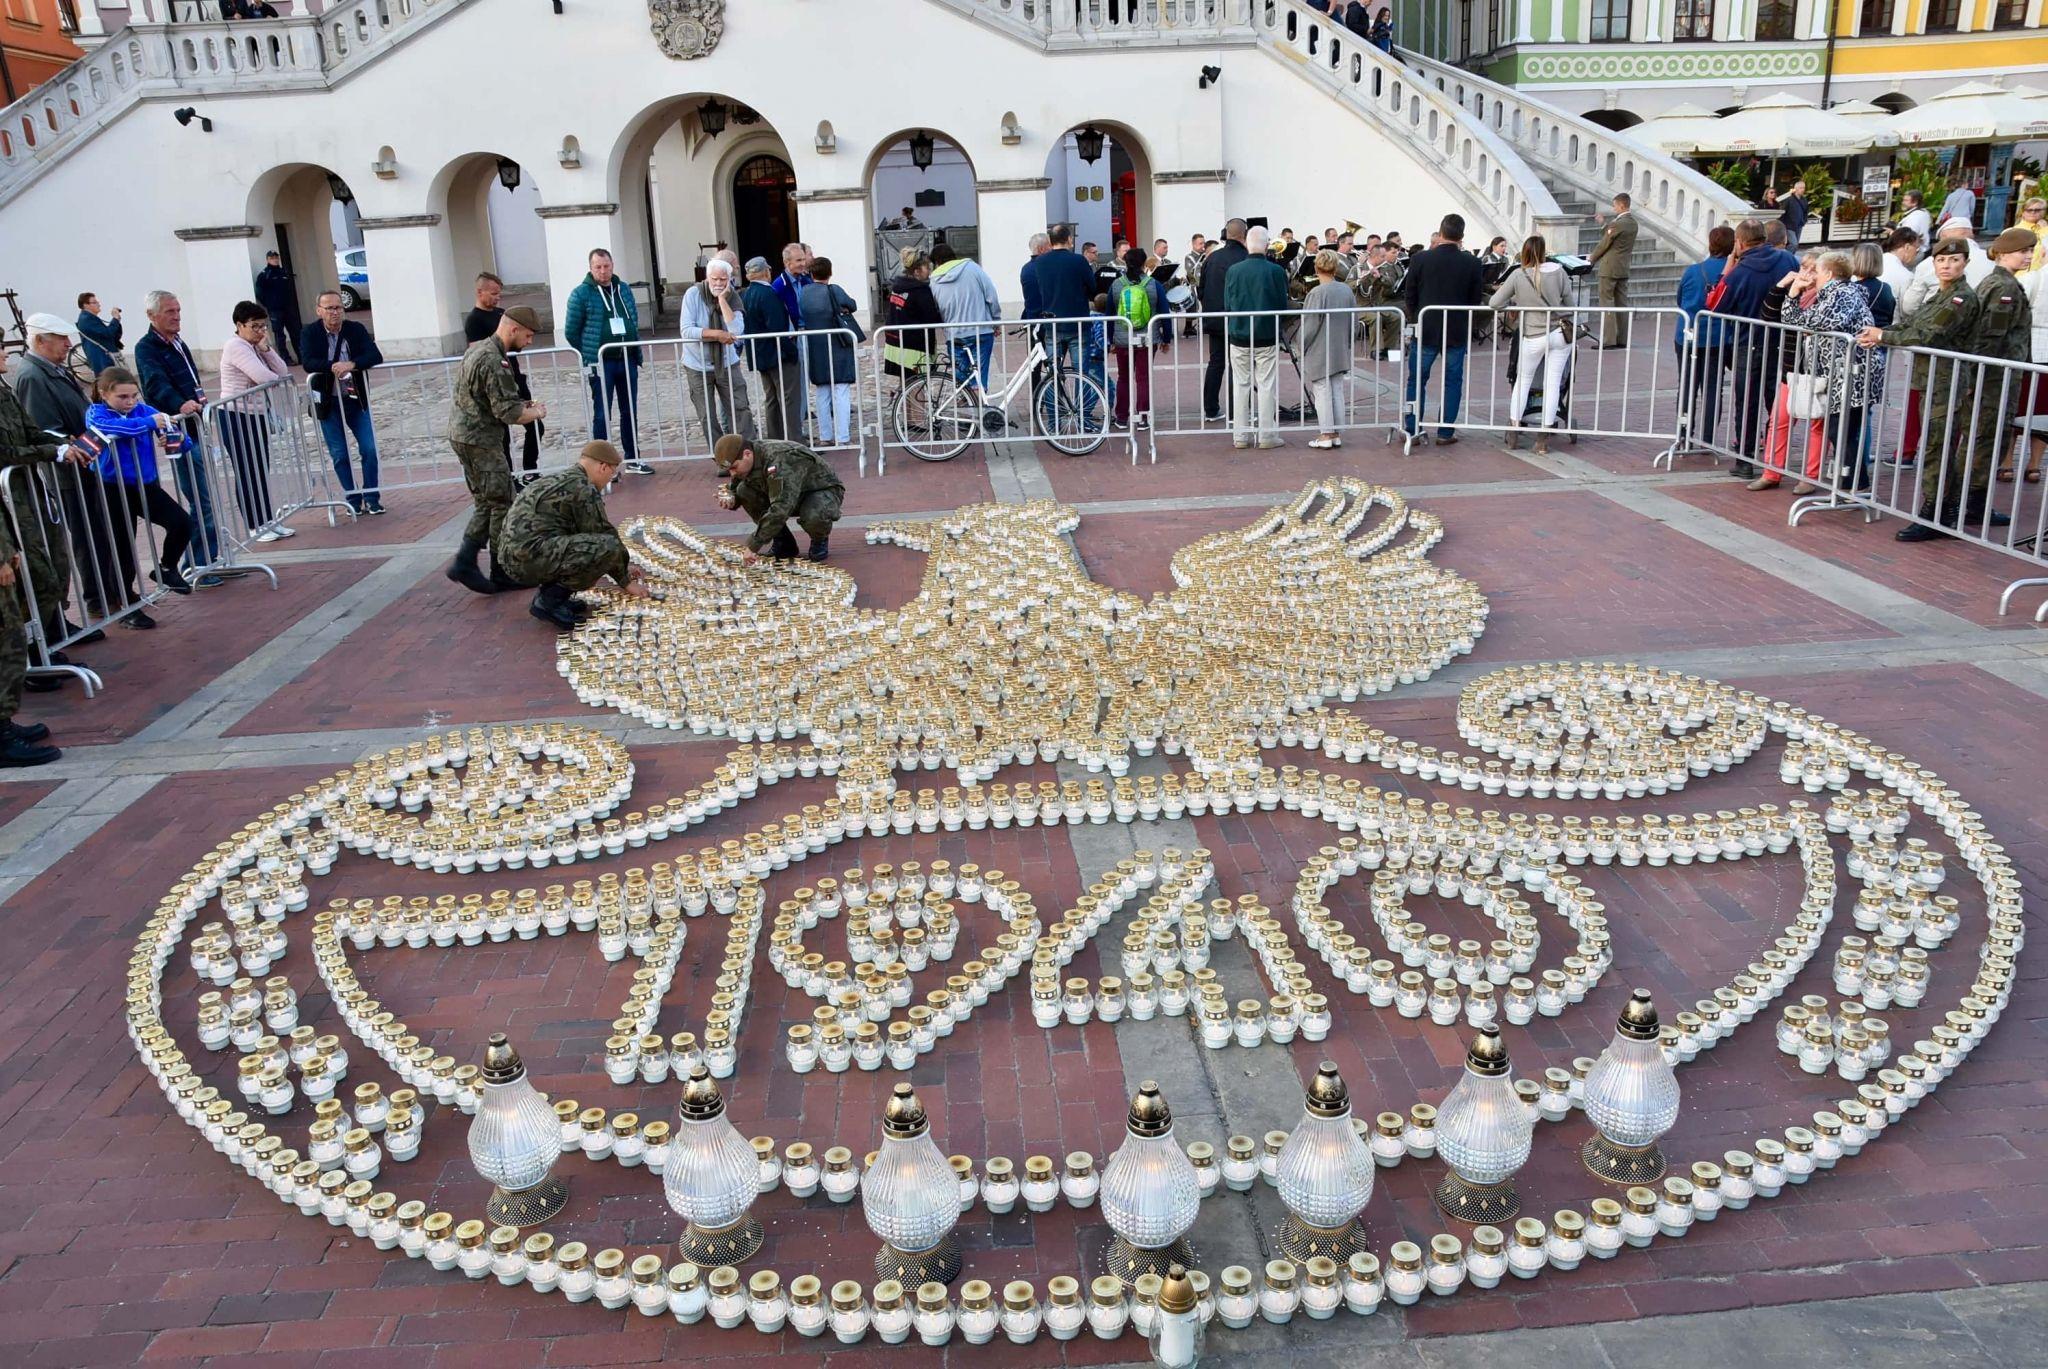 dsc 7348 Tyle zniczy ilu zamordowanych w Katyniu (dużo zdjęć)